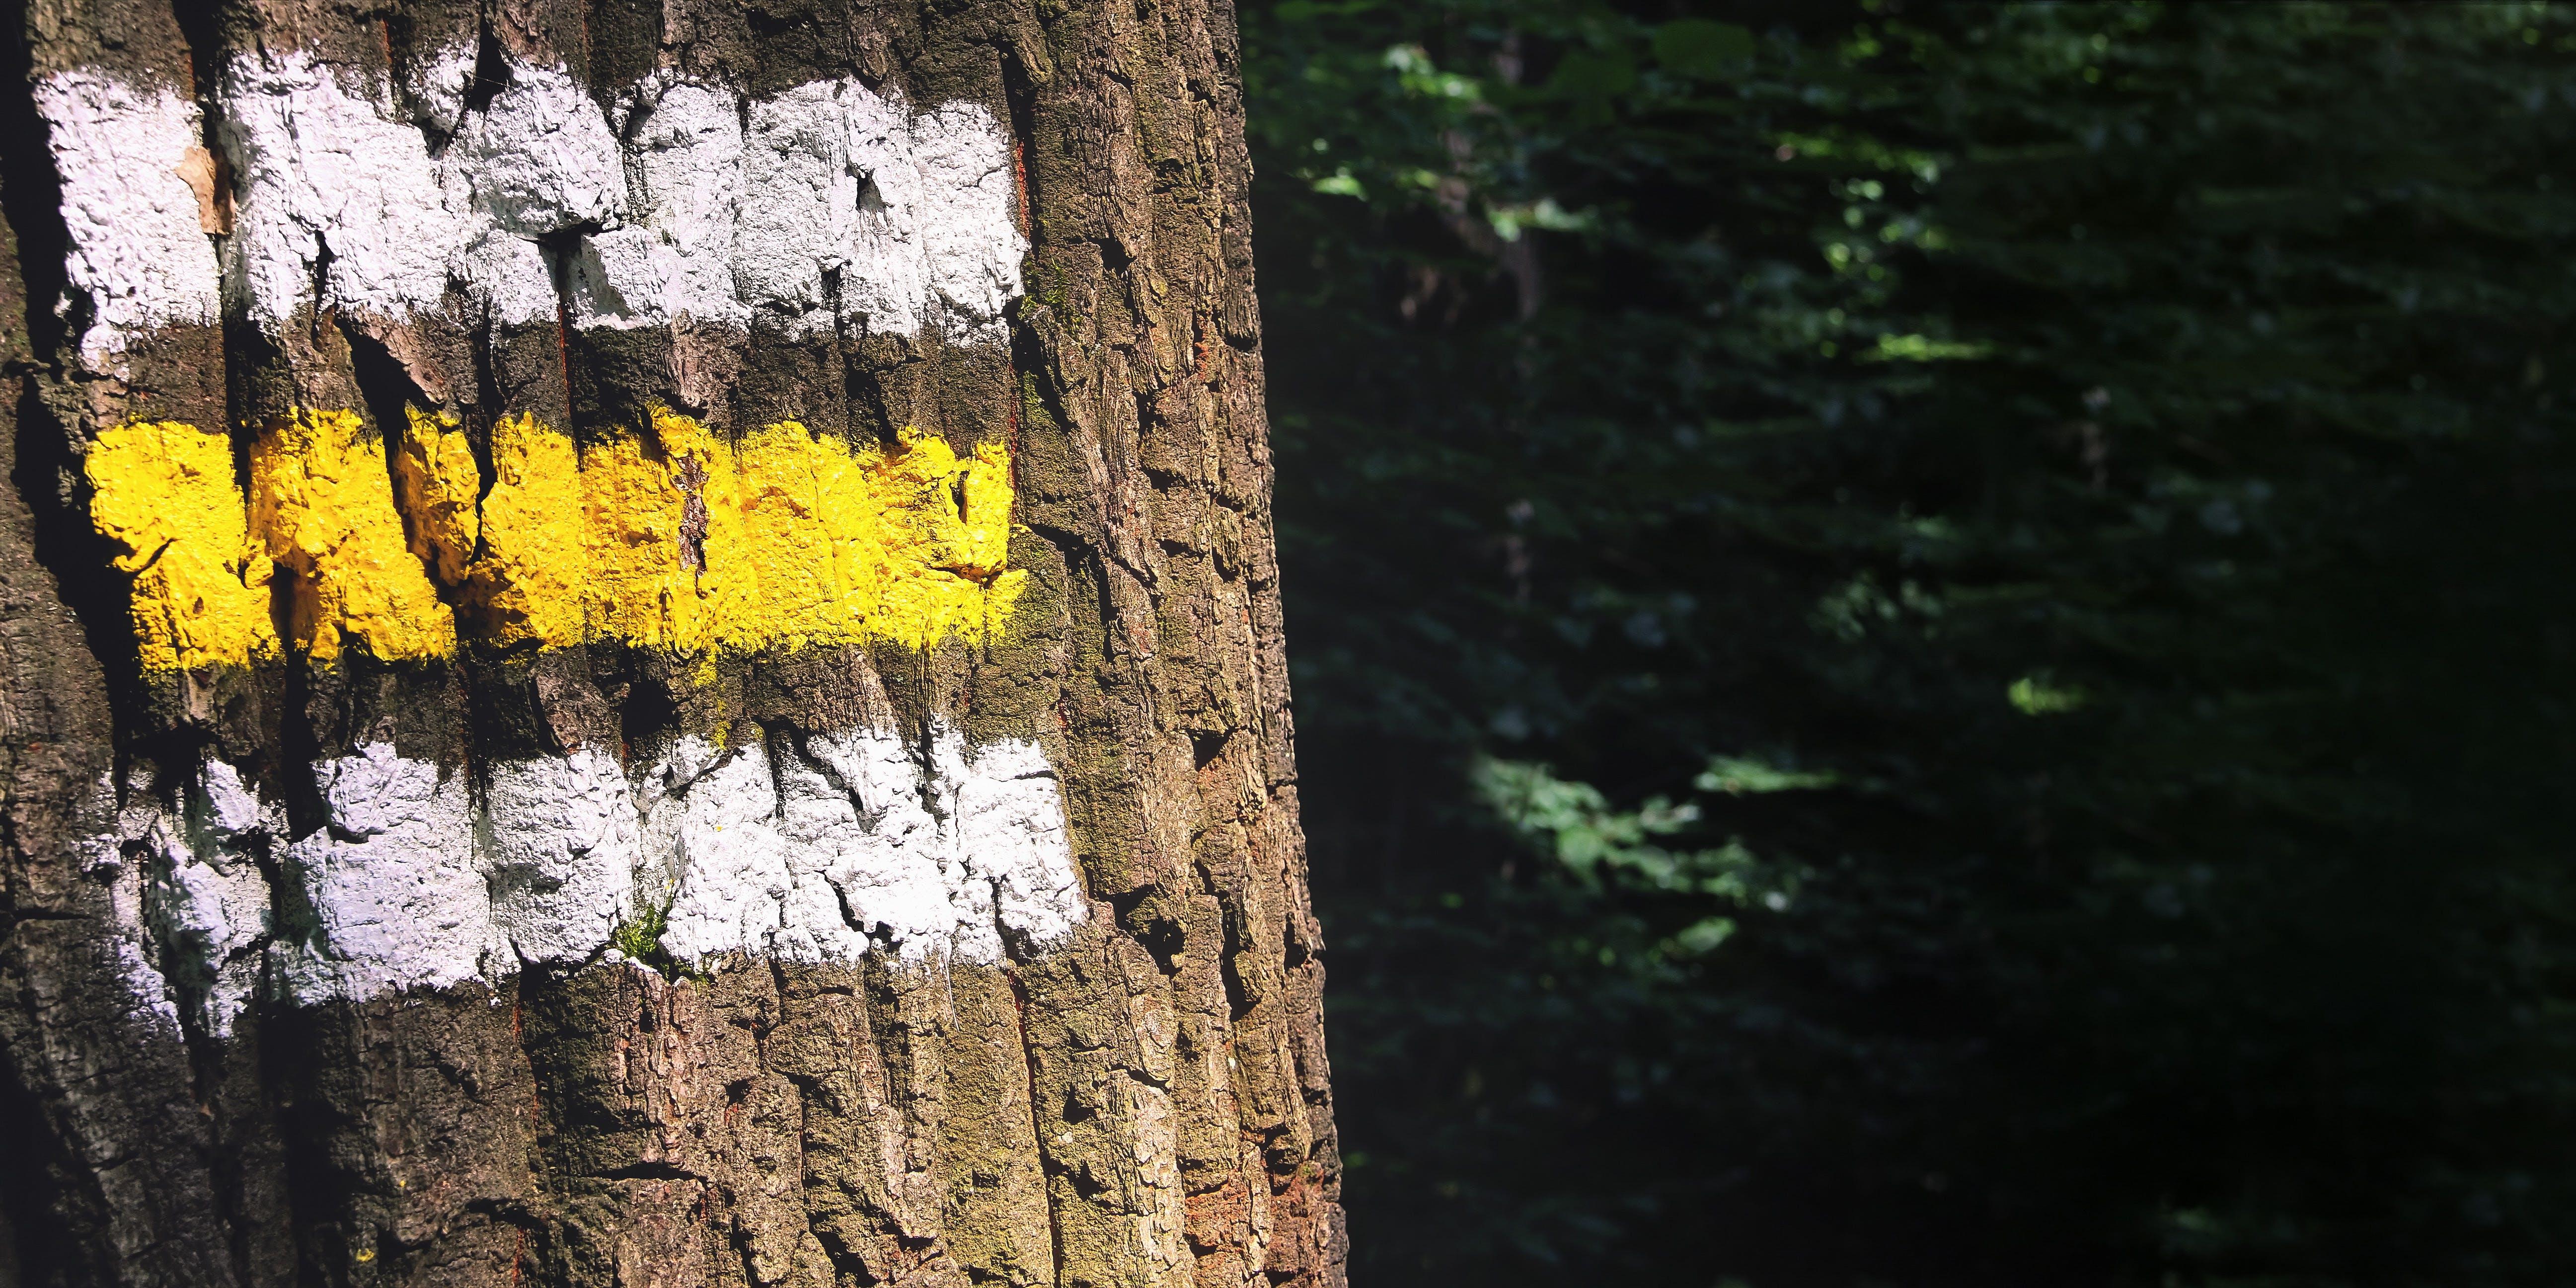 bäume, baumrinde, baumstamm